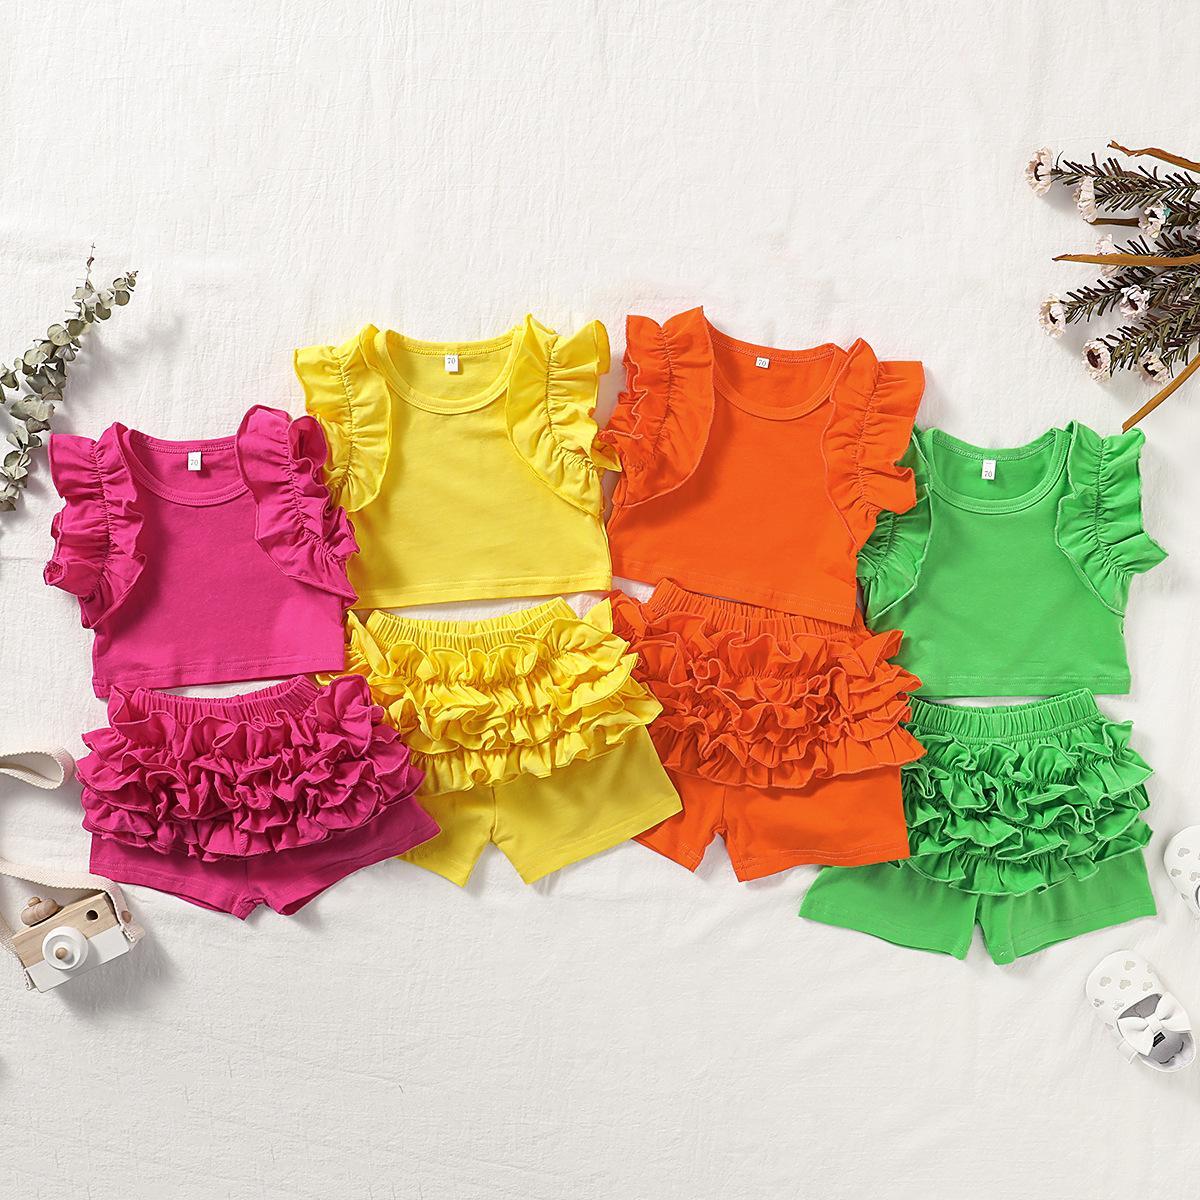 los niños ropa de niñas trajes infantiles mangas con volantes tapas + shorts 2pcs / set de moda de verano 2020 Boutique bebé sistemas de la ropa Z0582